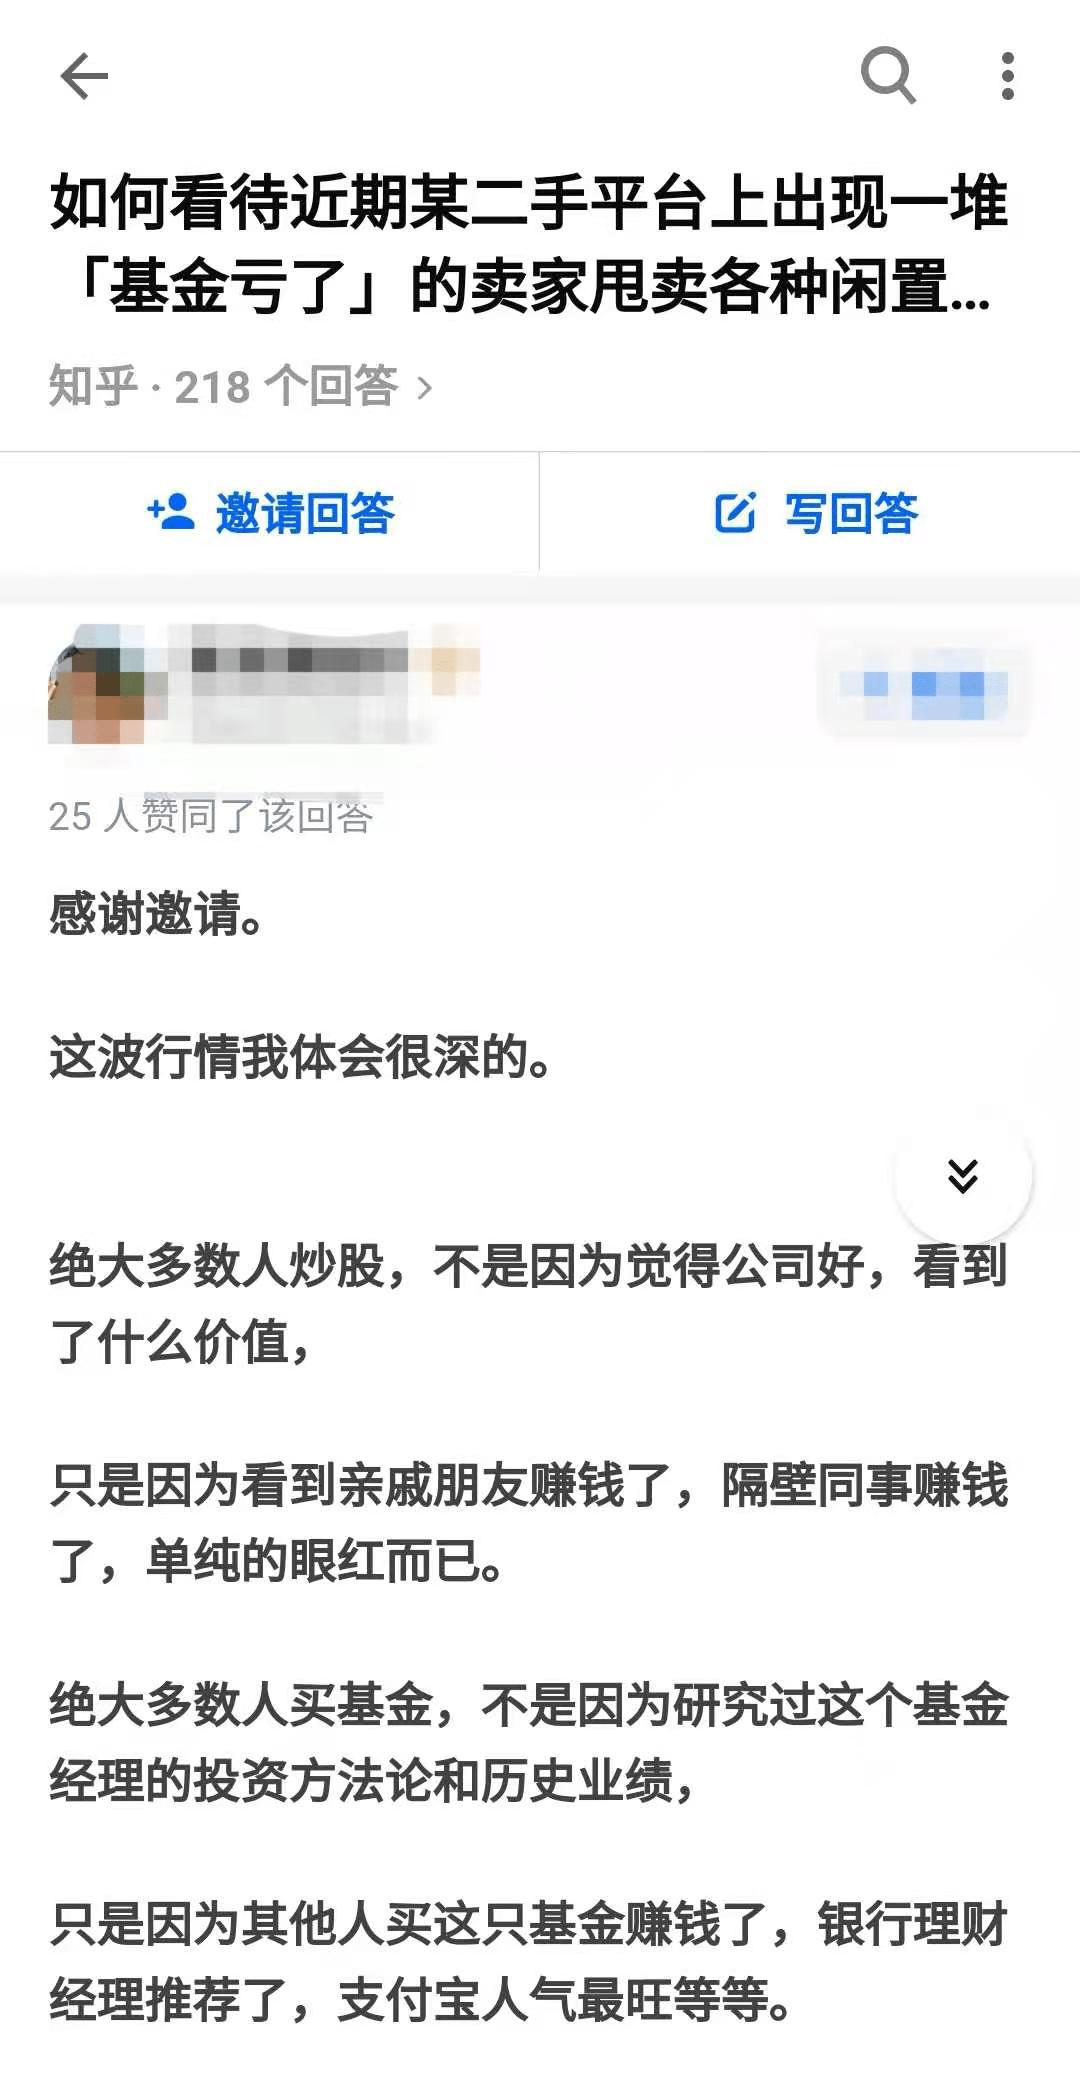 杏鑫平台就'断舍离'了贵重回想